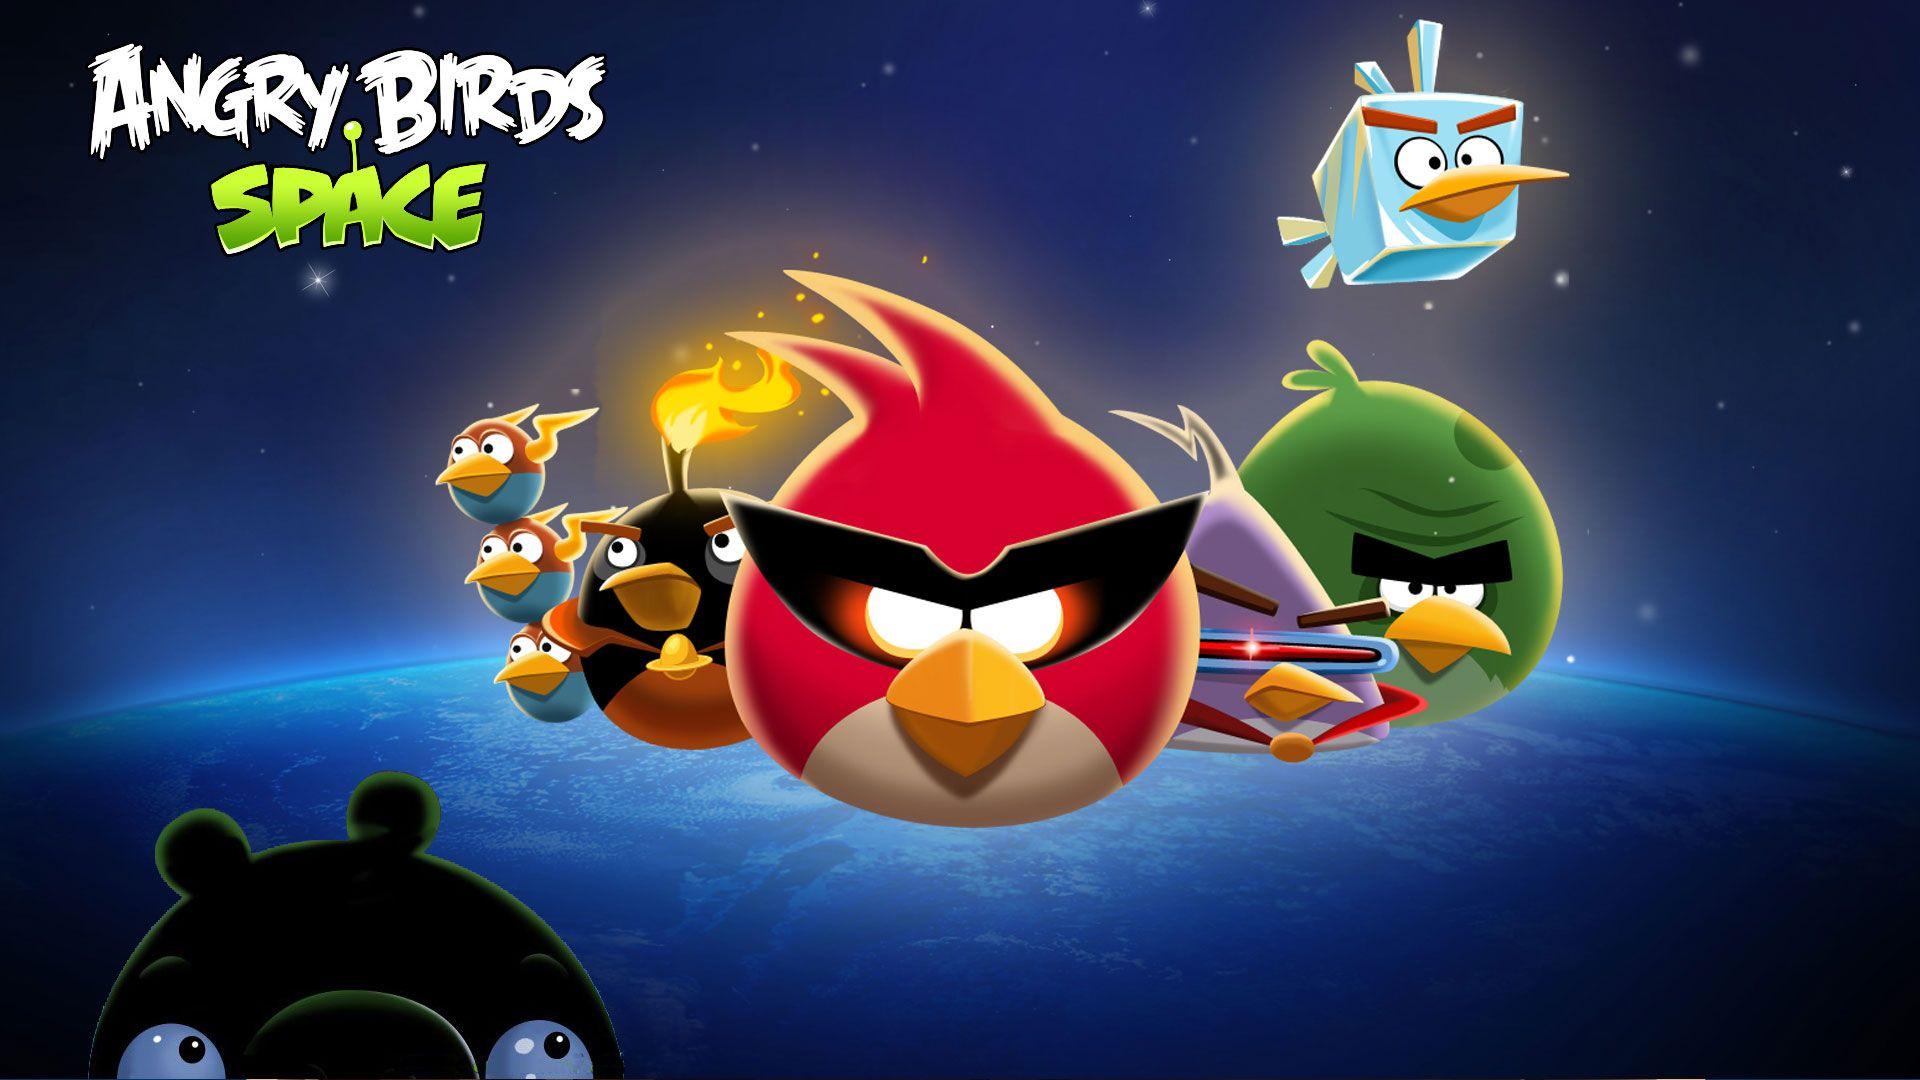 Fondos De Pantalla Angry Birds Angry Birds Party Bird Wallpaper